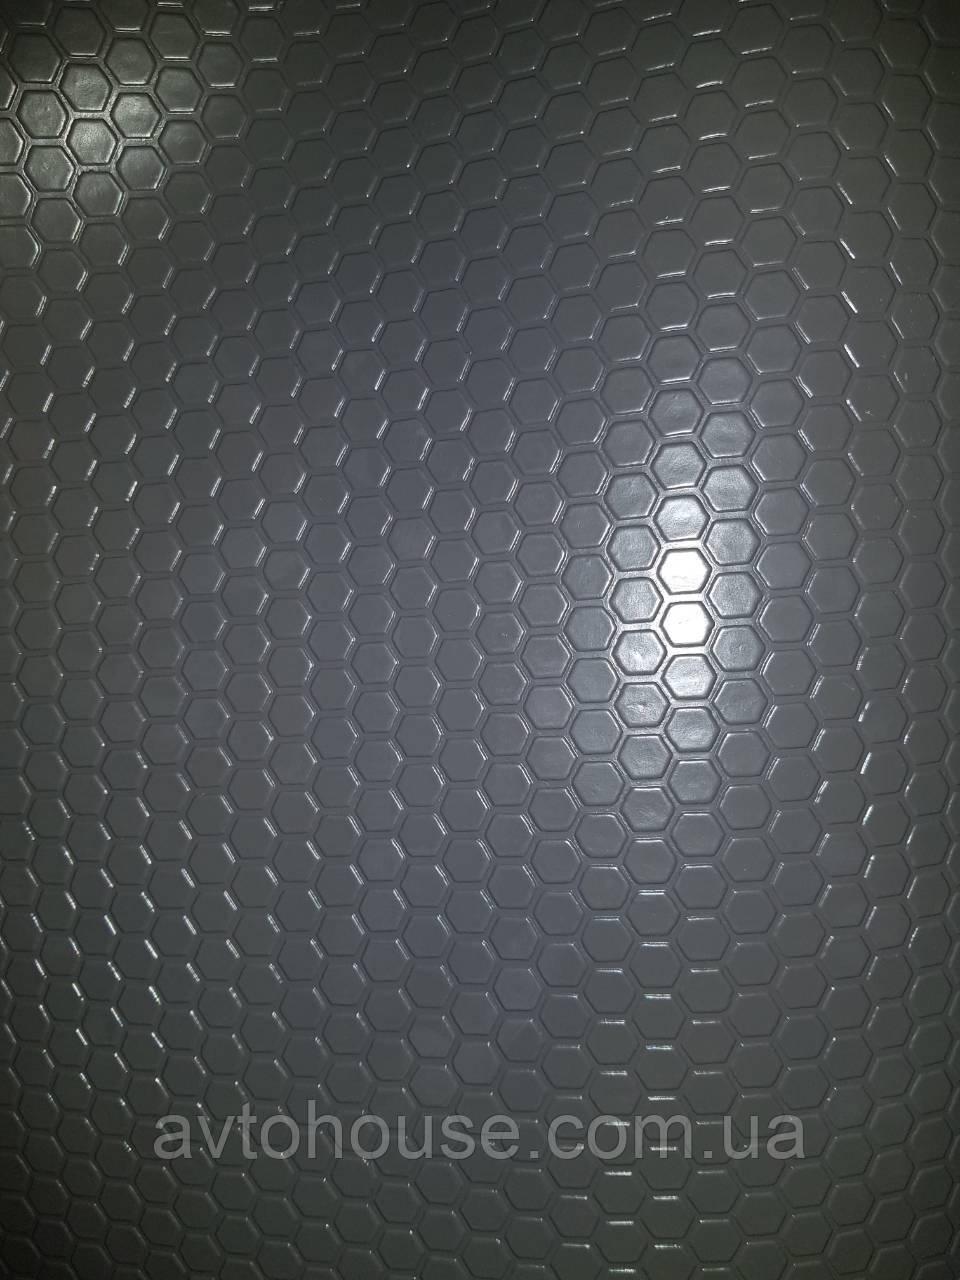 Автолинолеум, автолин серый «сота серая», шыр. 180 см., автомобильный линолеум Турецкий